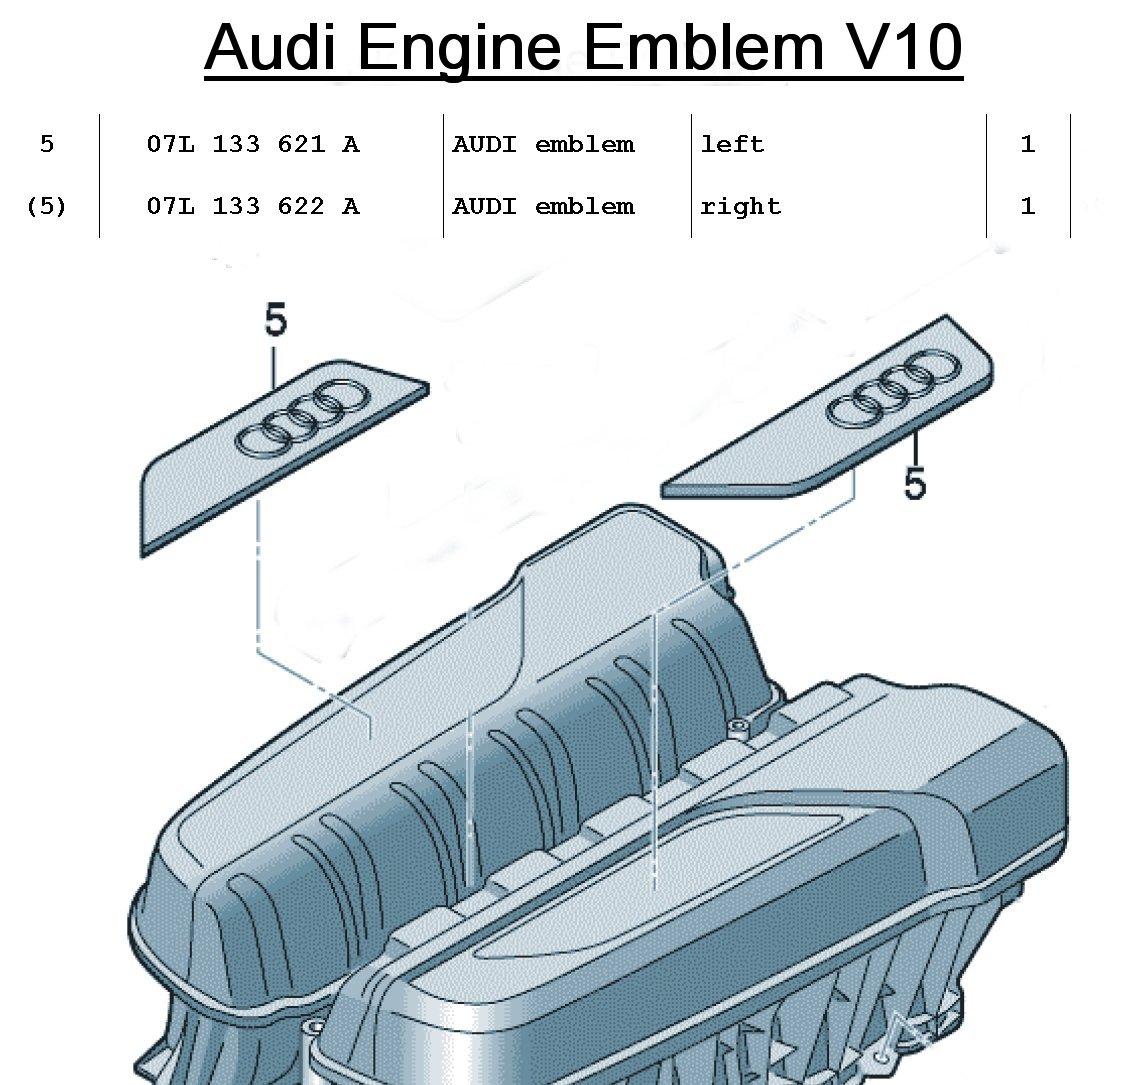 Engine Logo-audi-engine-emblem-v10.jpg